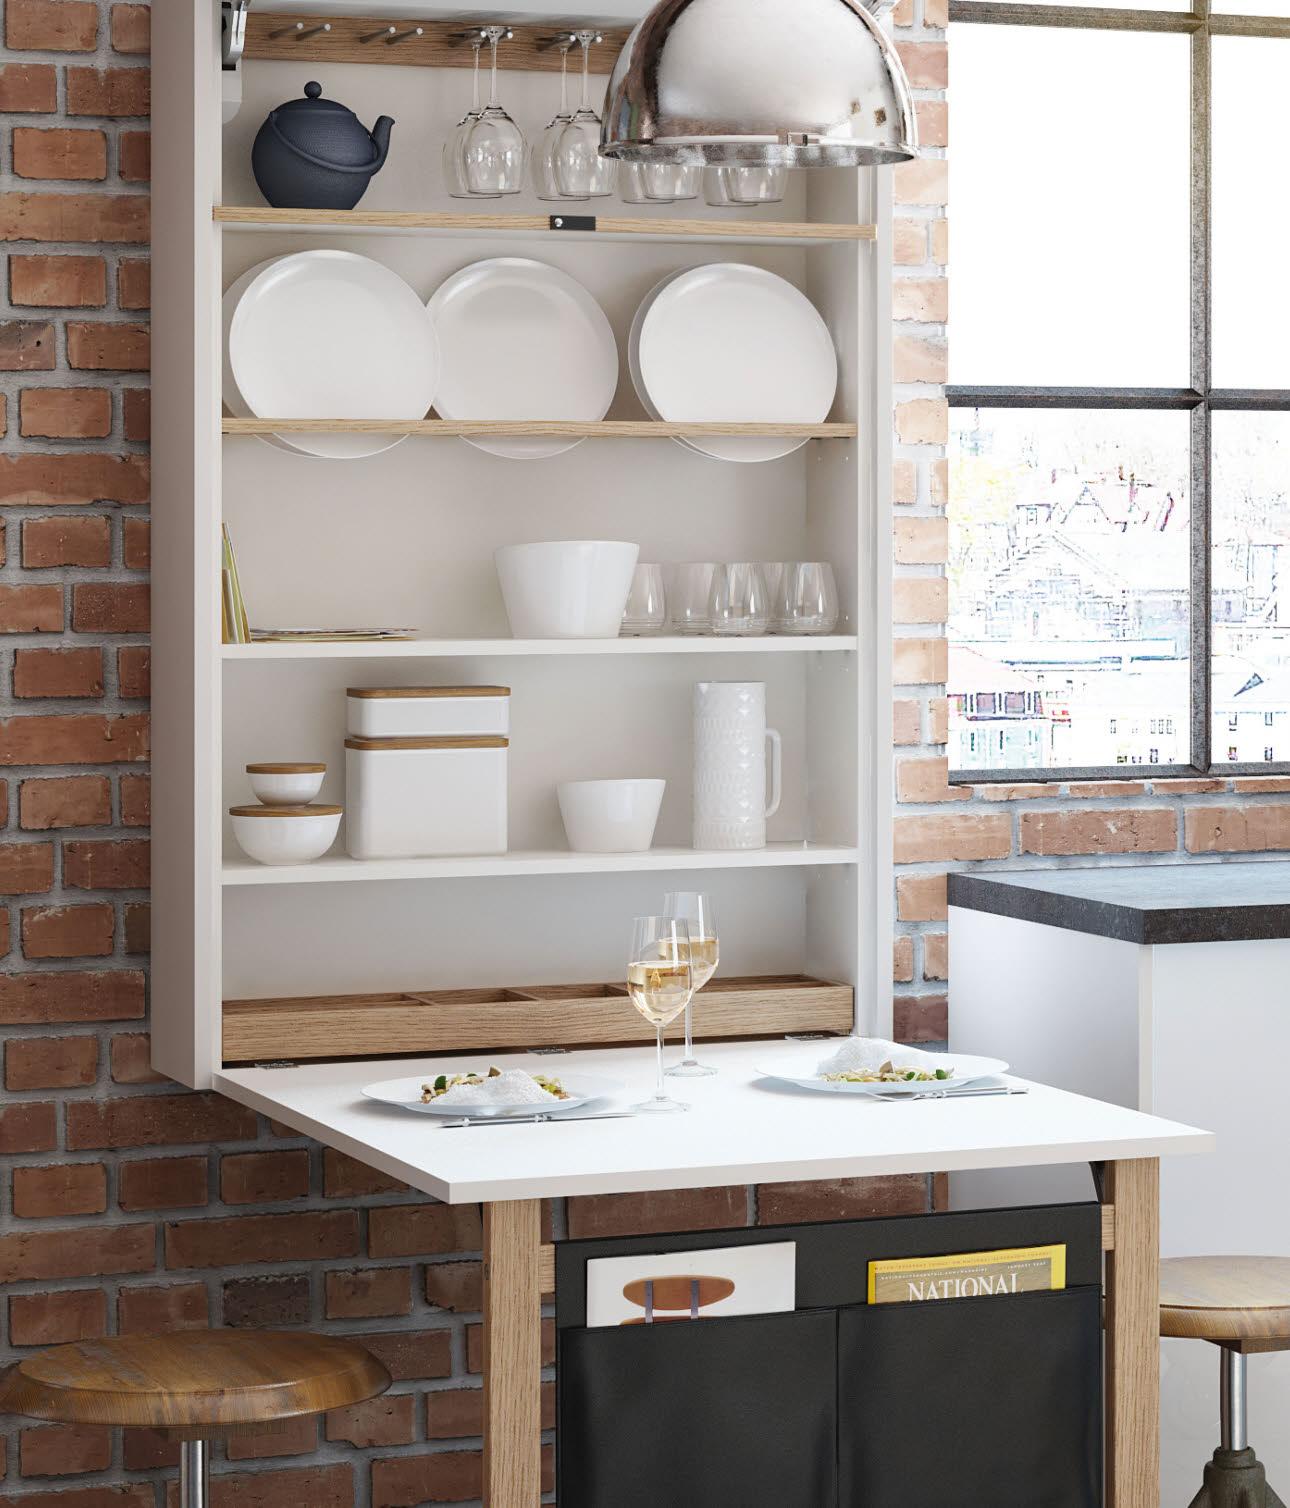 Full Size of Küche Klapptisch Ewe Raumwunder Komfortlsung Müllsystem Rosa Salamander Waschbecken Deckenlampe Winkel Büroküche Sockelblende Eckbank Mischbatterie Wohnzimmer Küche Klapptisch